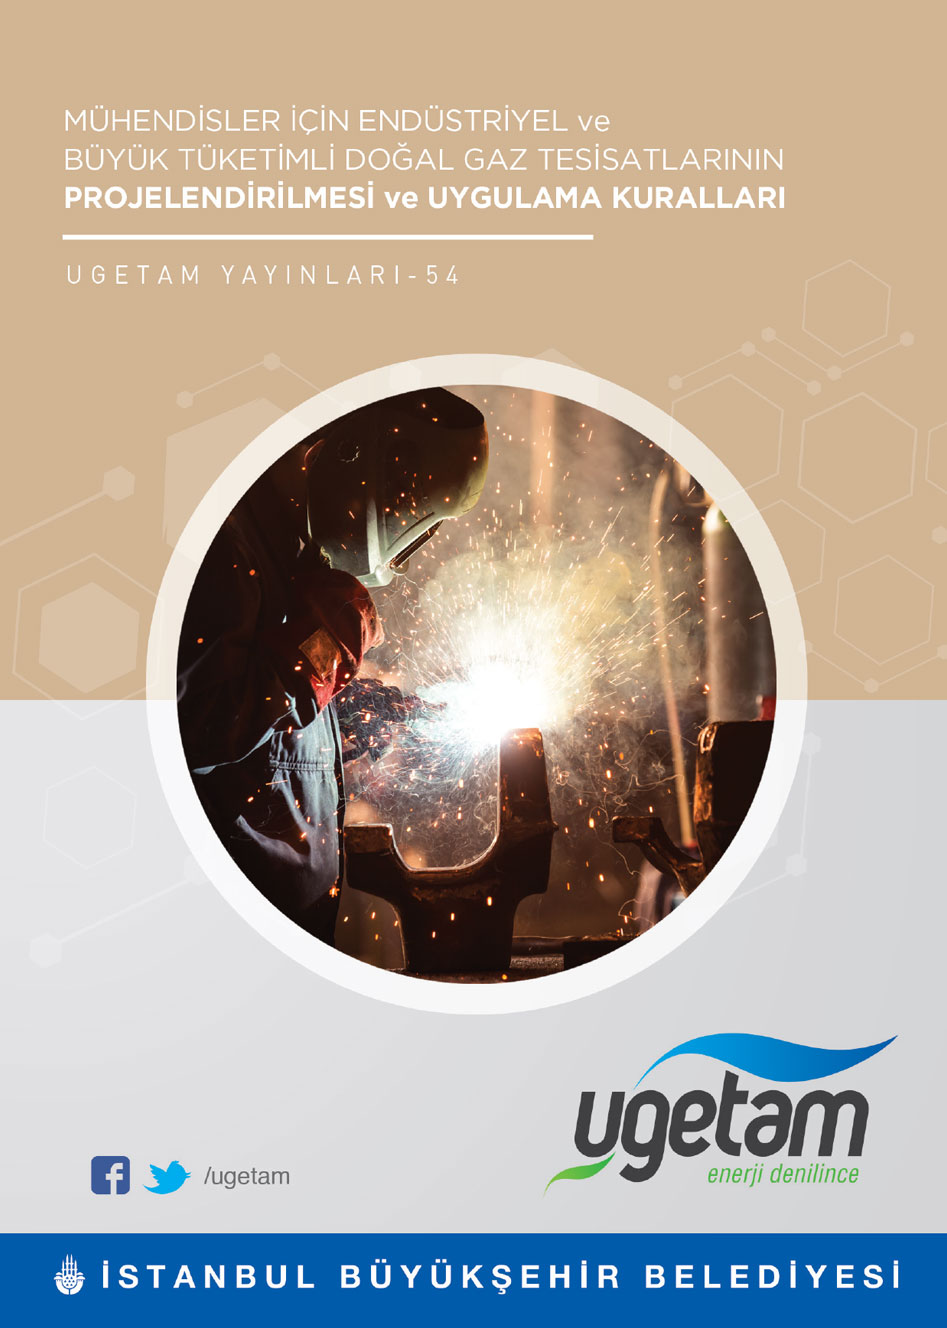 Mühendisler İçin Endüstriyel ve Büyük Tüketimli Doğal Gaz Tesisatlarının Projelendirilmesi ve Uygulama Kuralları